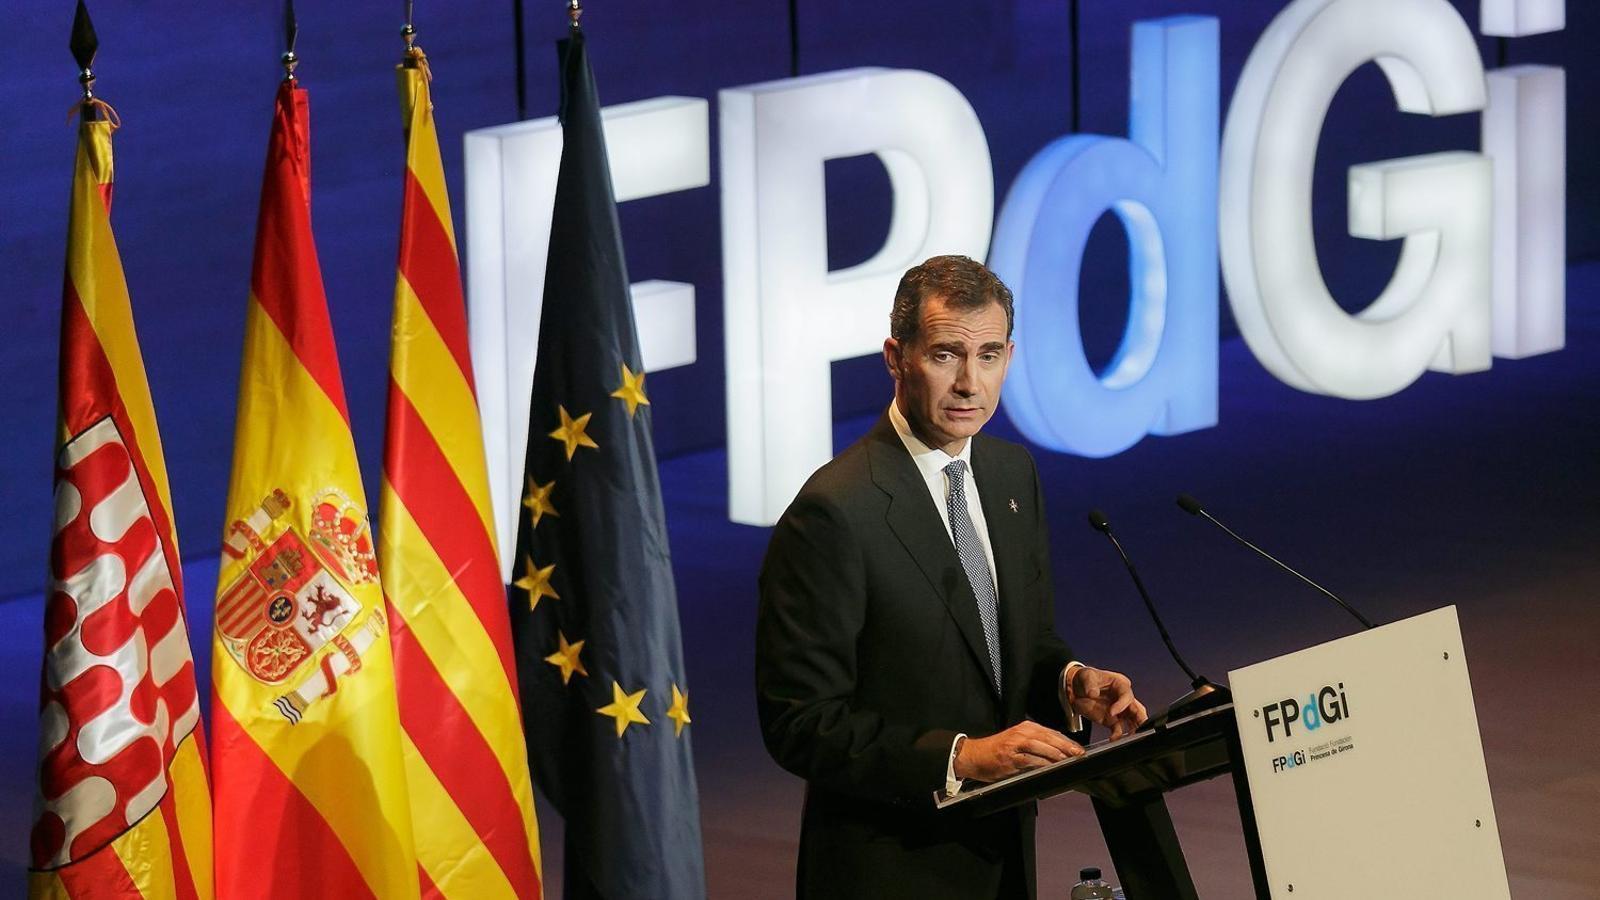 Felip VI durant l'entrega dels premis de la Fundació Princesa de Girona